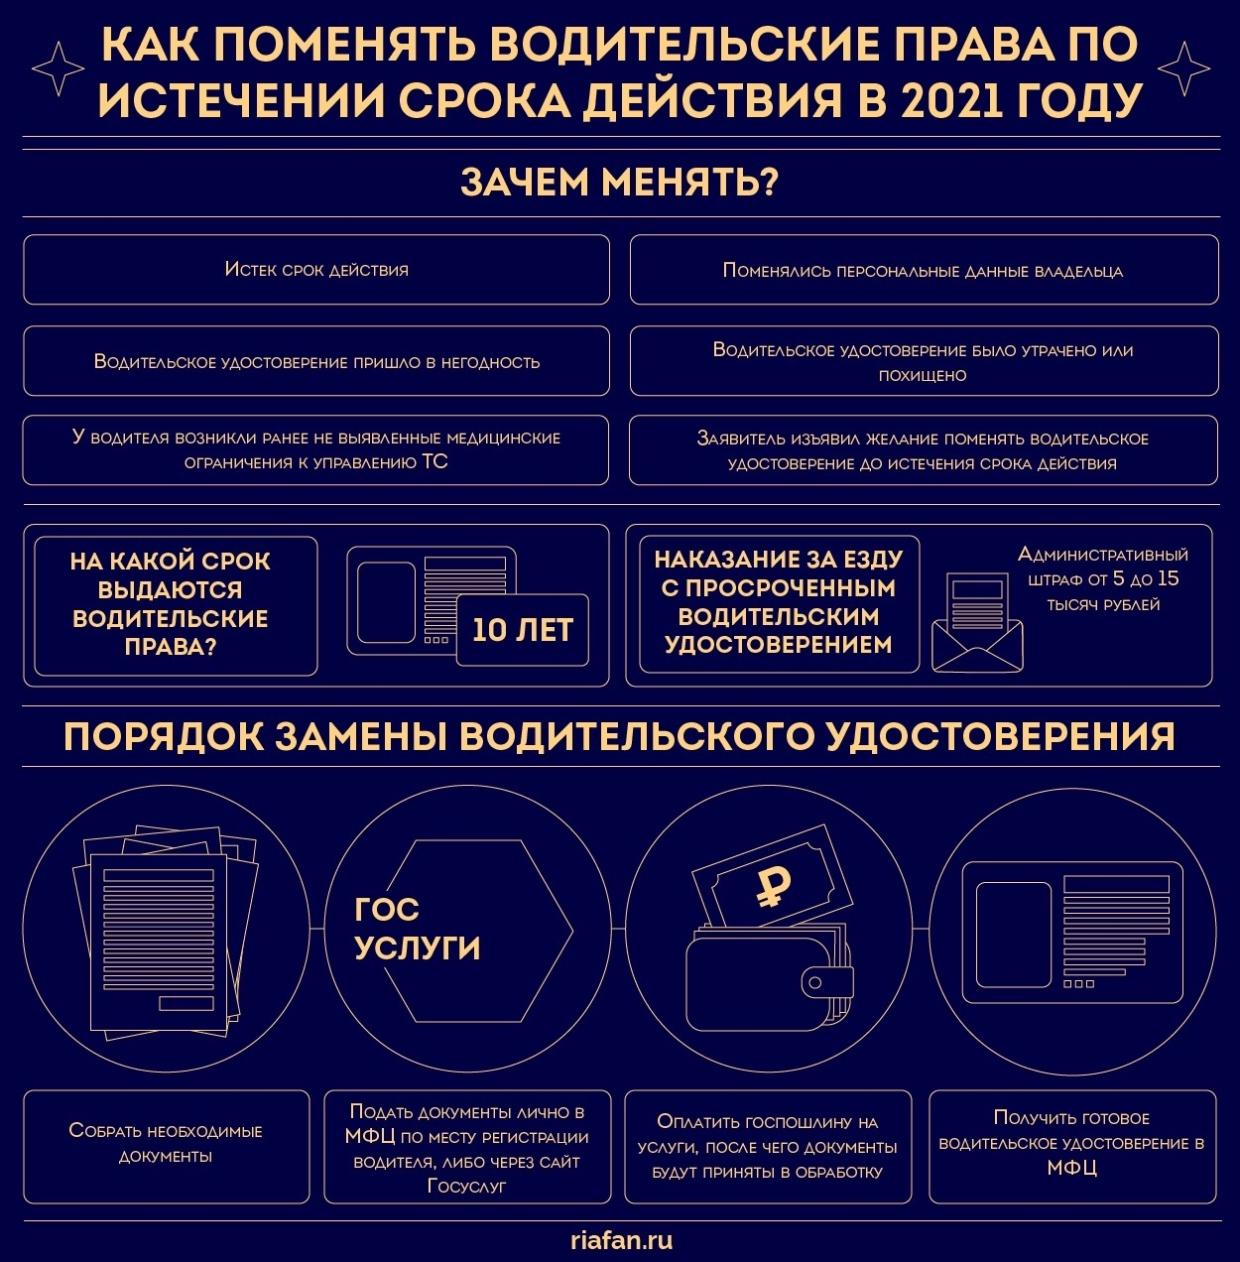 За управление авто с просроченным удостоверением положен штраф от 5 до 15 тысяч рублей